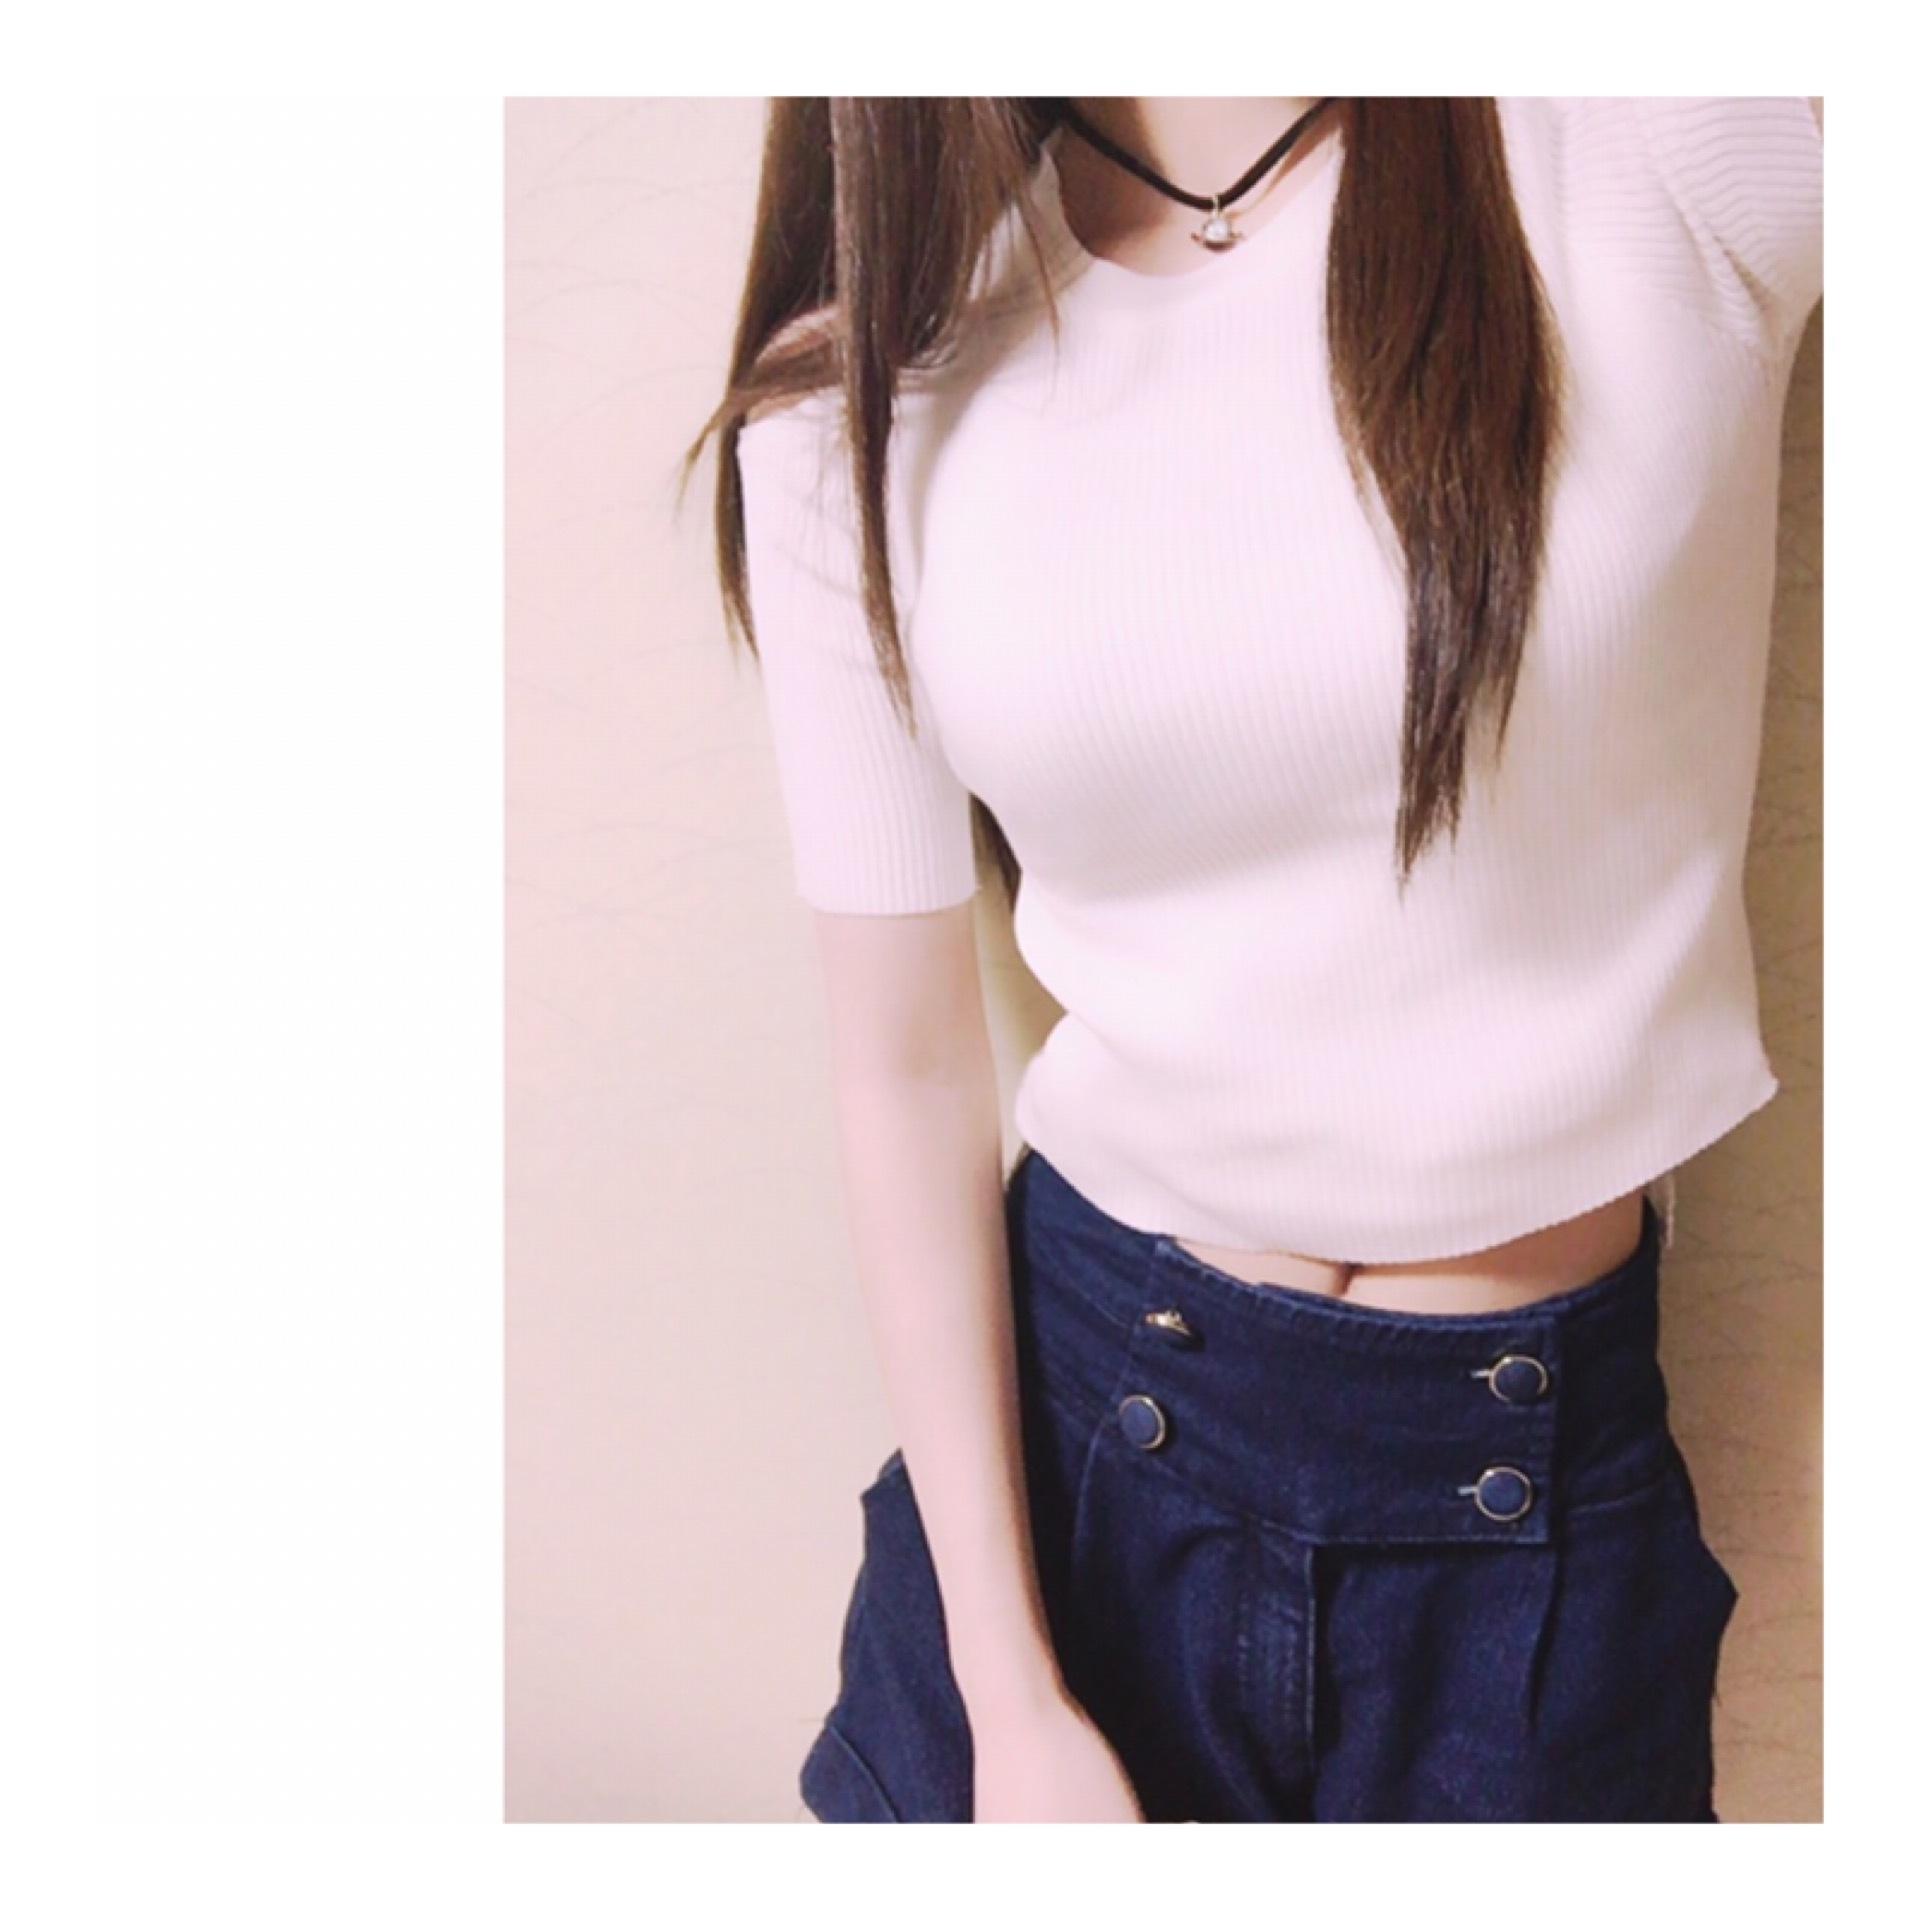 集英社♡公式ファッション通販サイト【FLAG SHOP】購入品♩_1_3